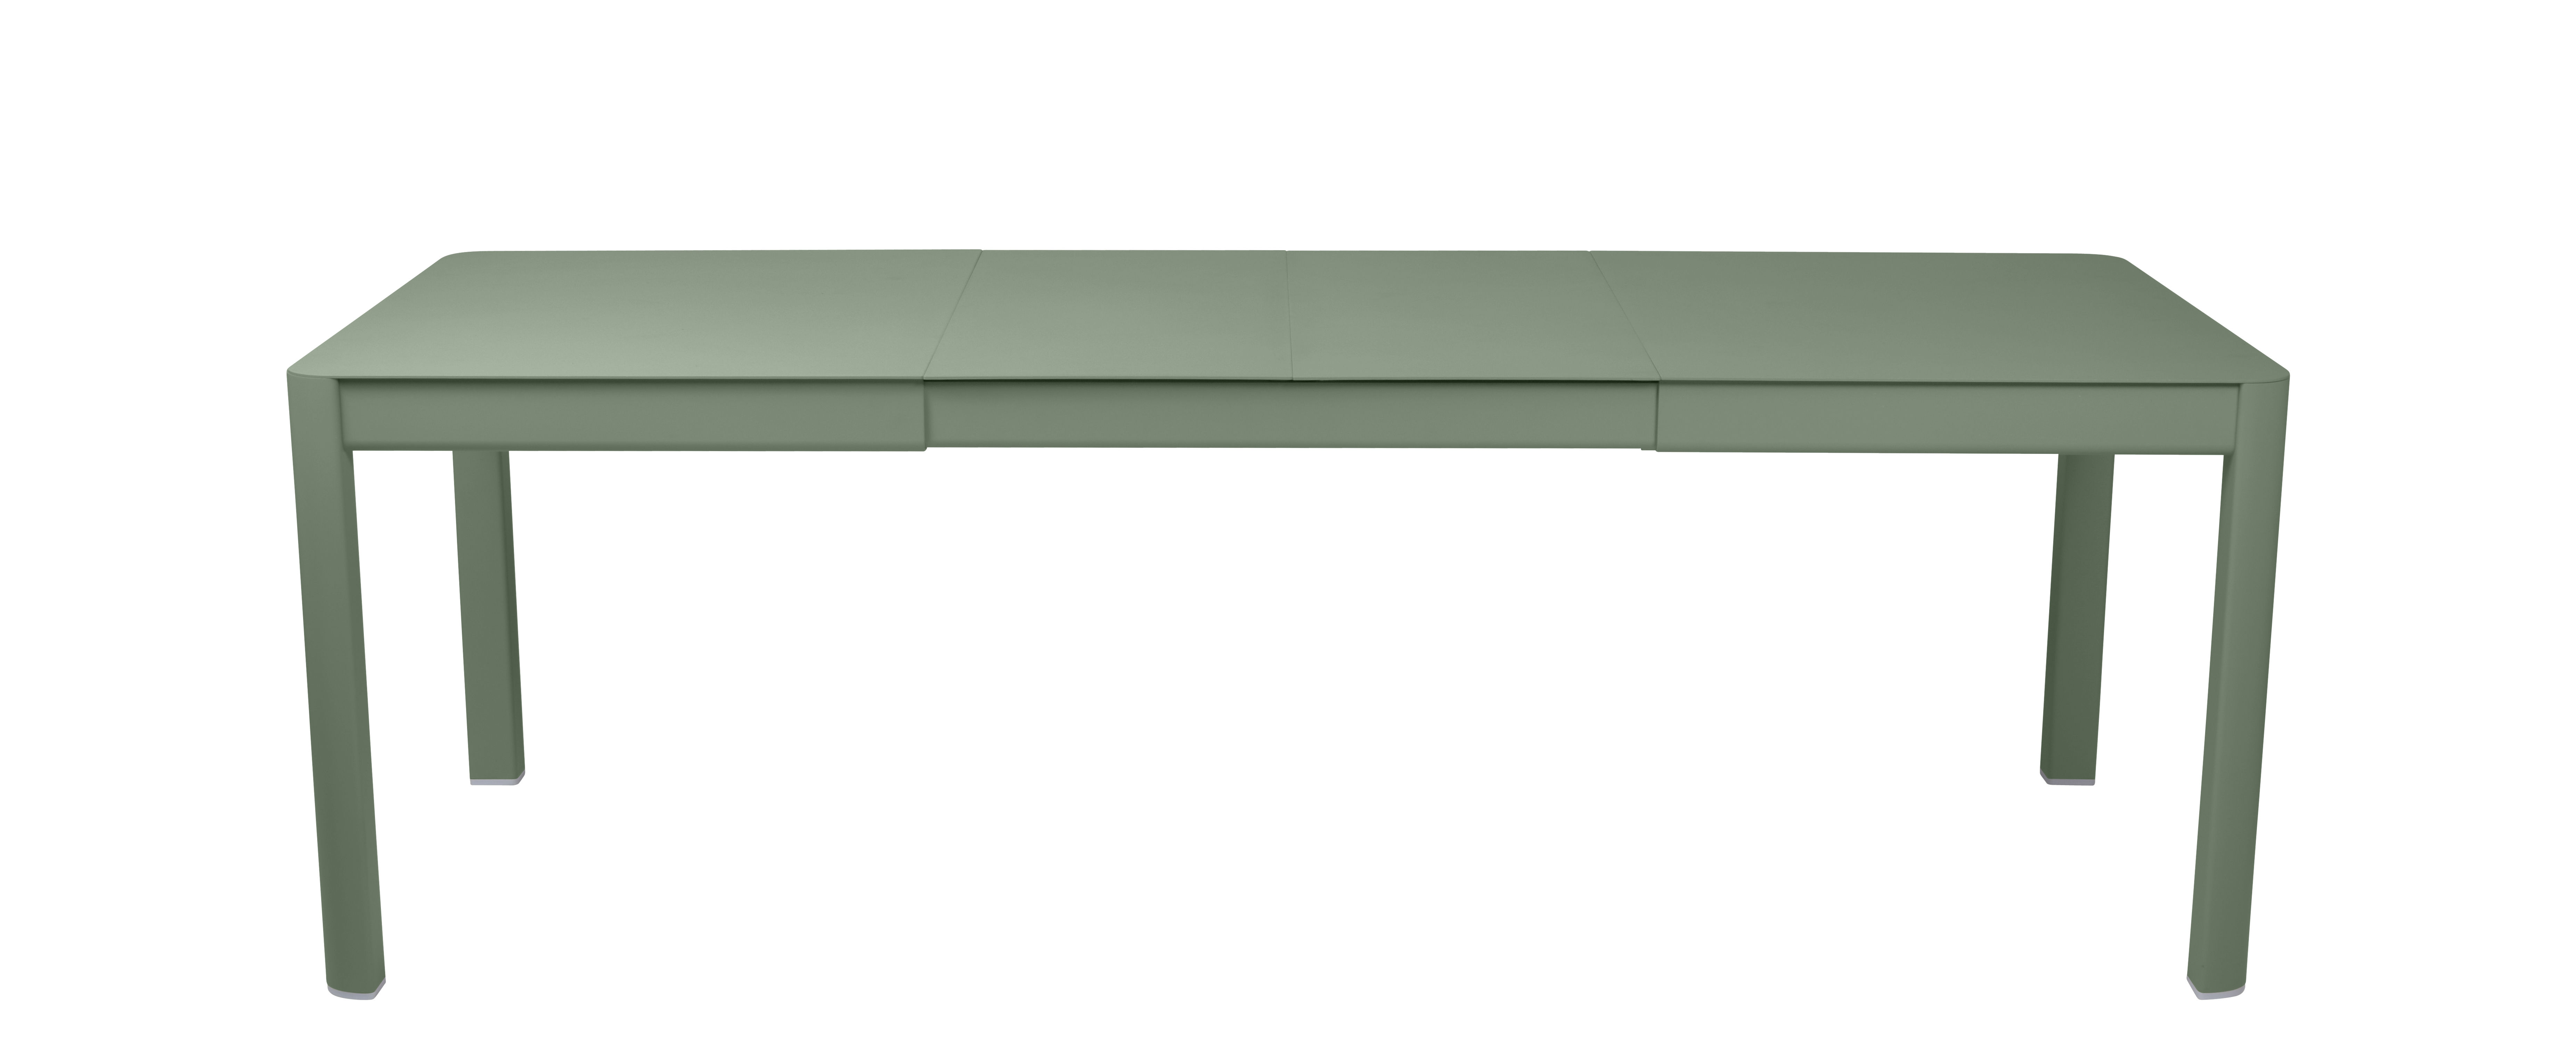 Outdoor - Tavoli  - Tavolo con prolunga Ribambelle Medium - / L 149 a 234 cm - 6 a 10 persone di Fermob - Cactus - Alluminio